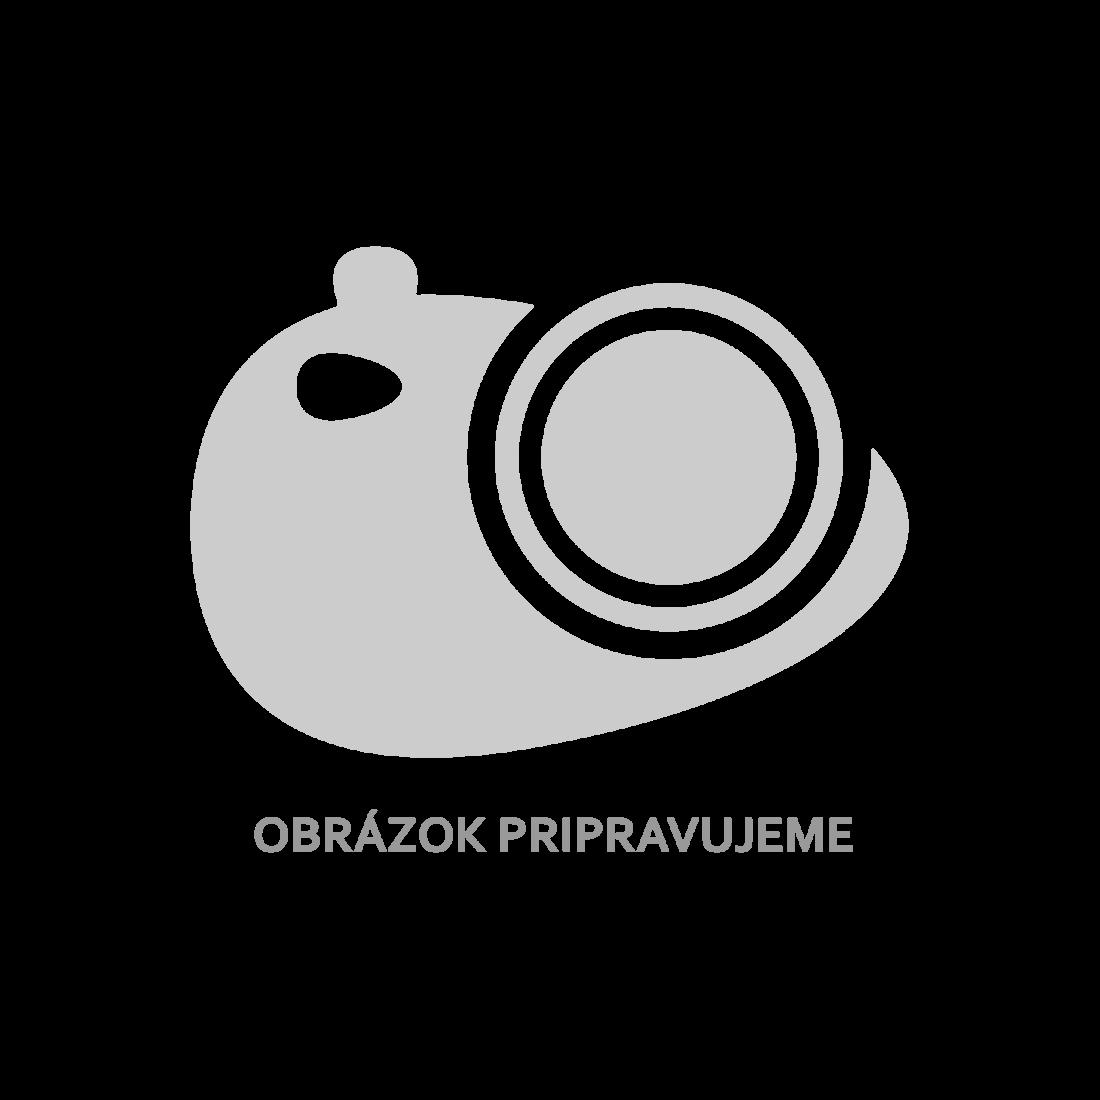 Gumená podlahová protišmyková rohož 2x1m diamantový vzor